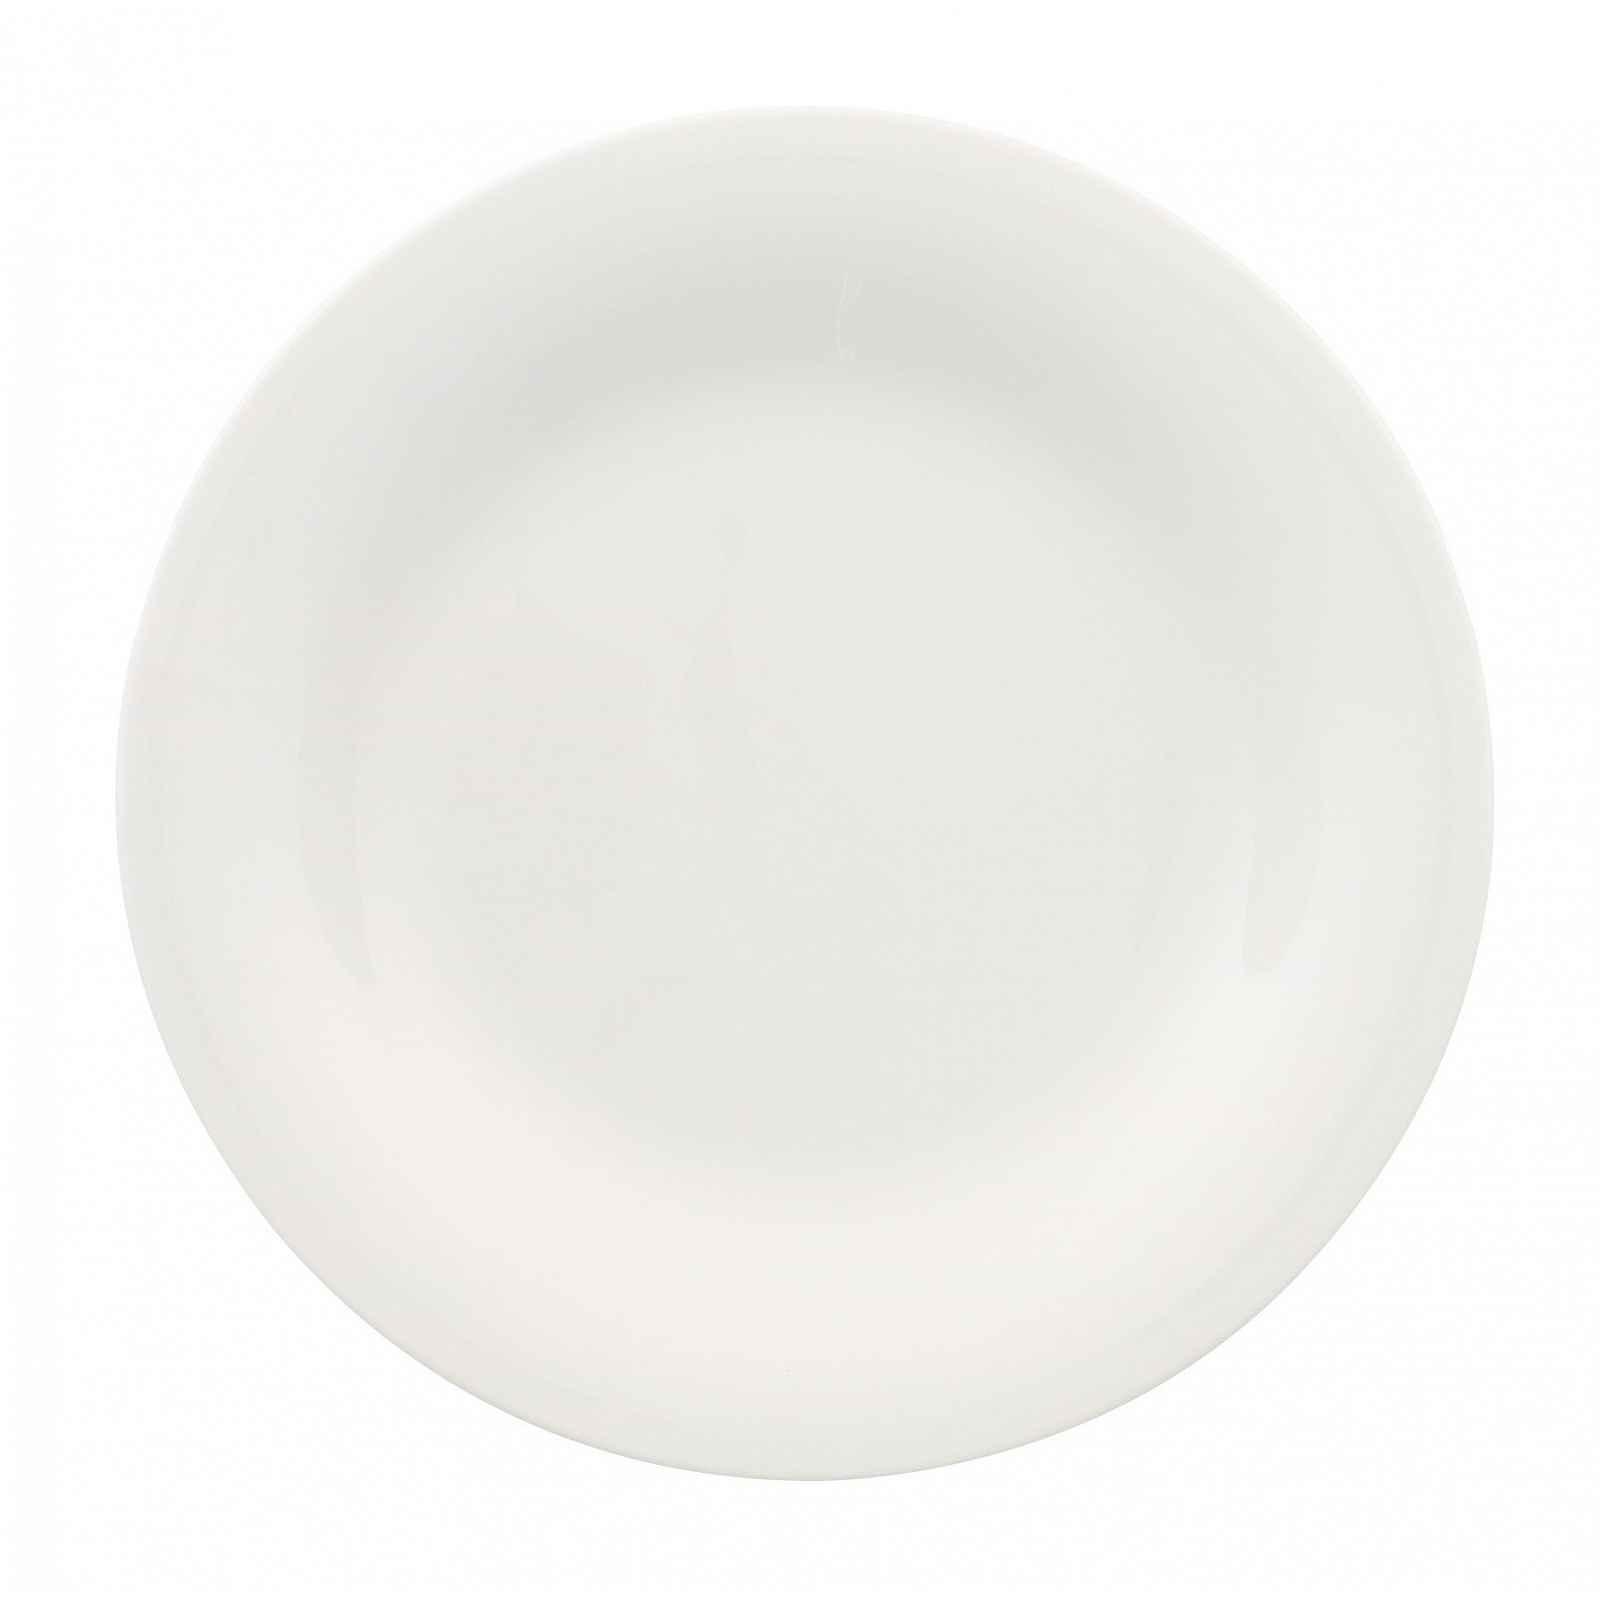 Bílý porcelánový dezertní talíř Villeroy & Boch New Cottage, ⌀ 21 cm